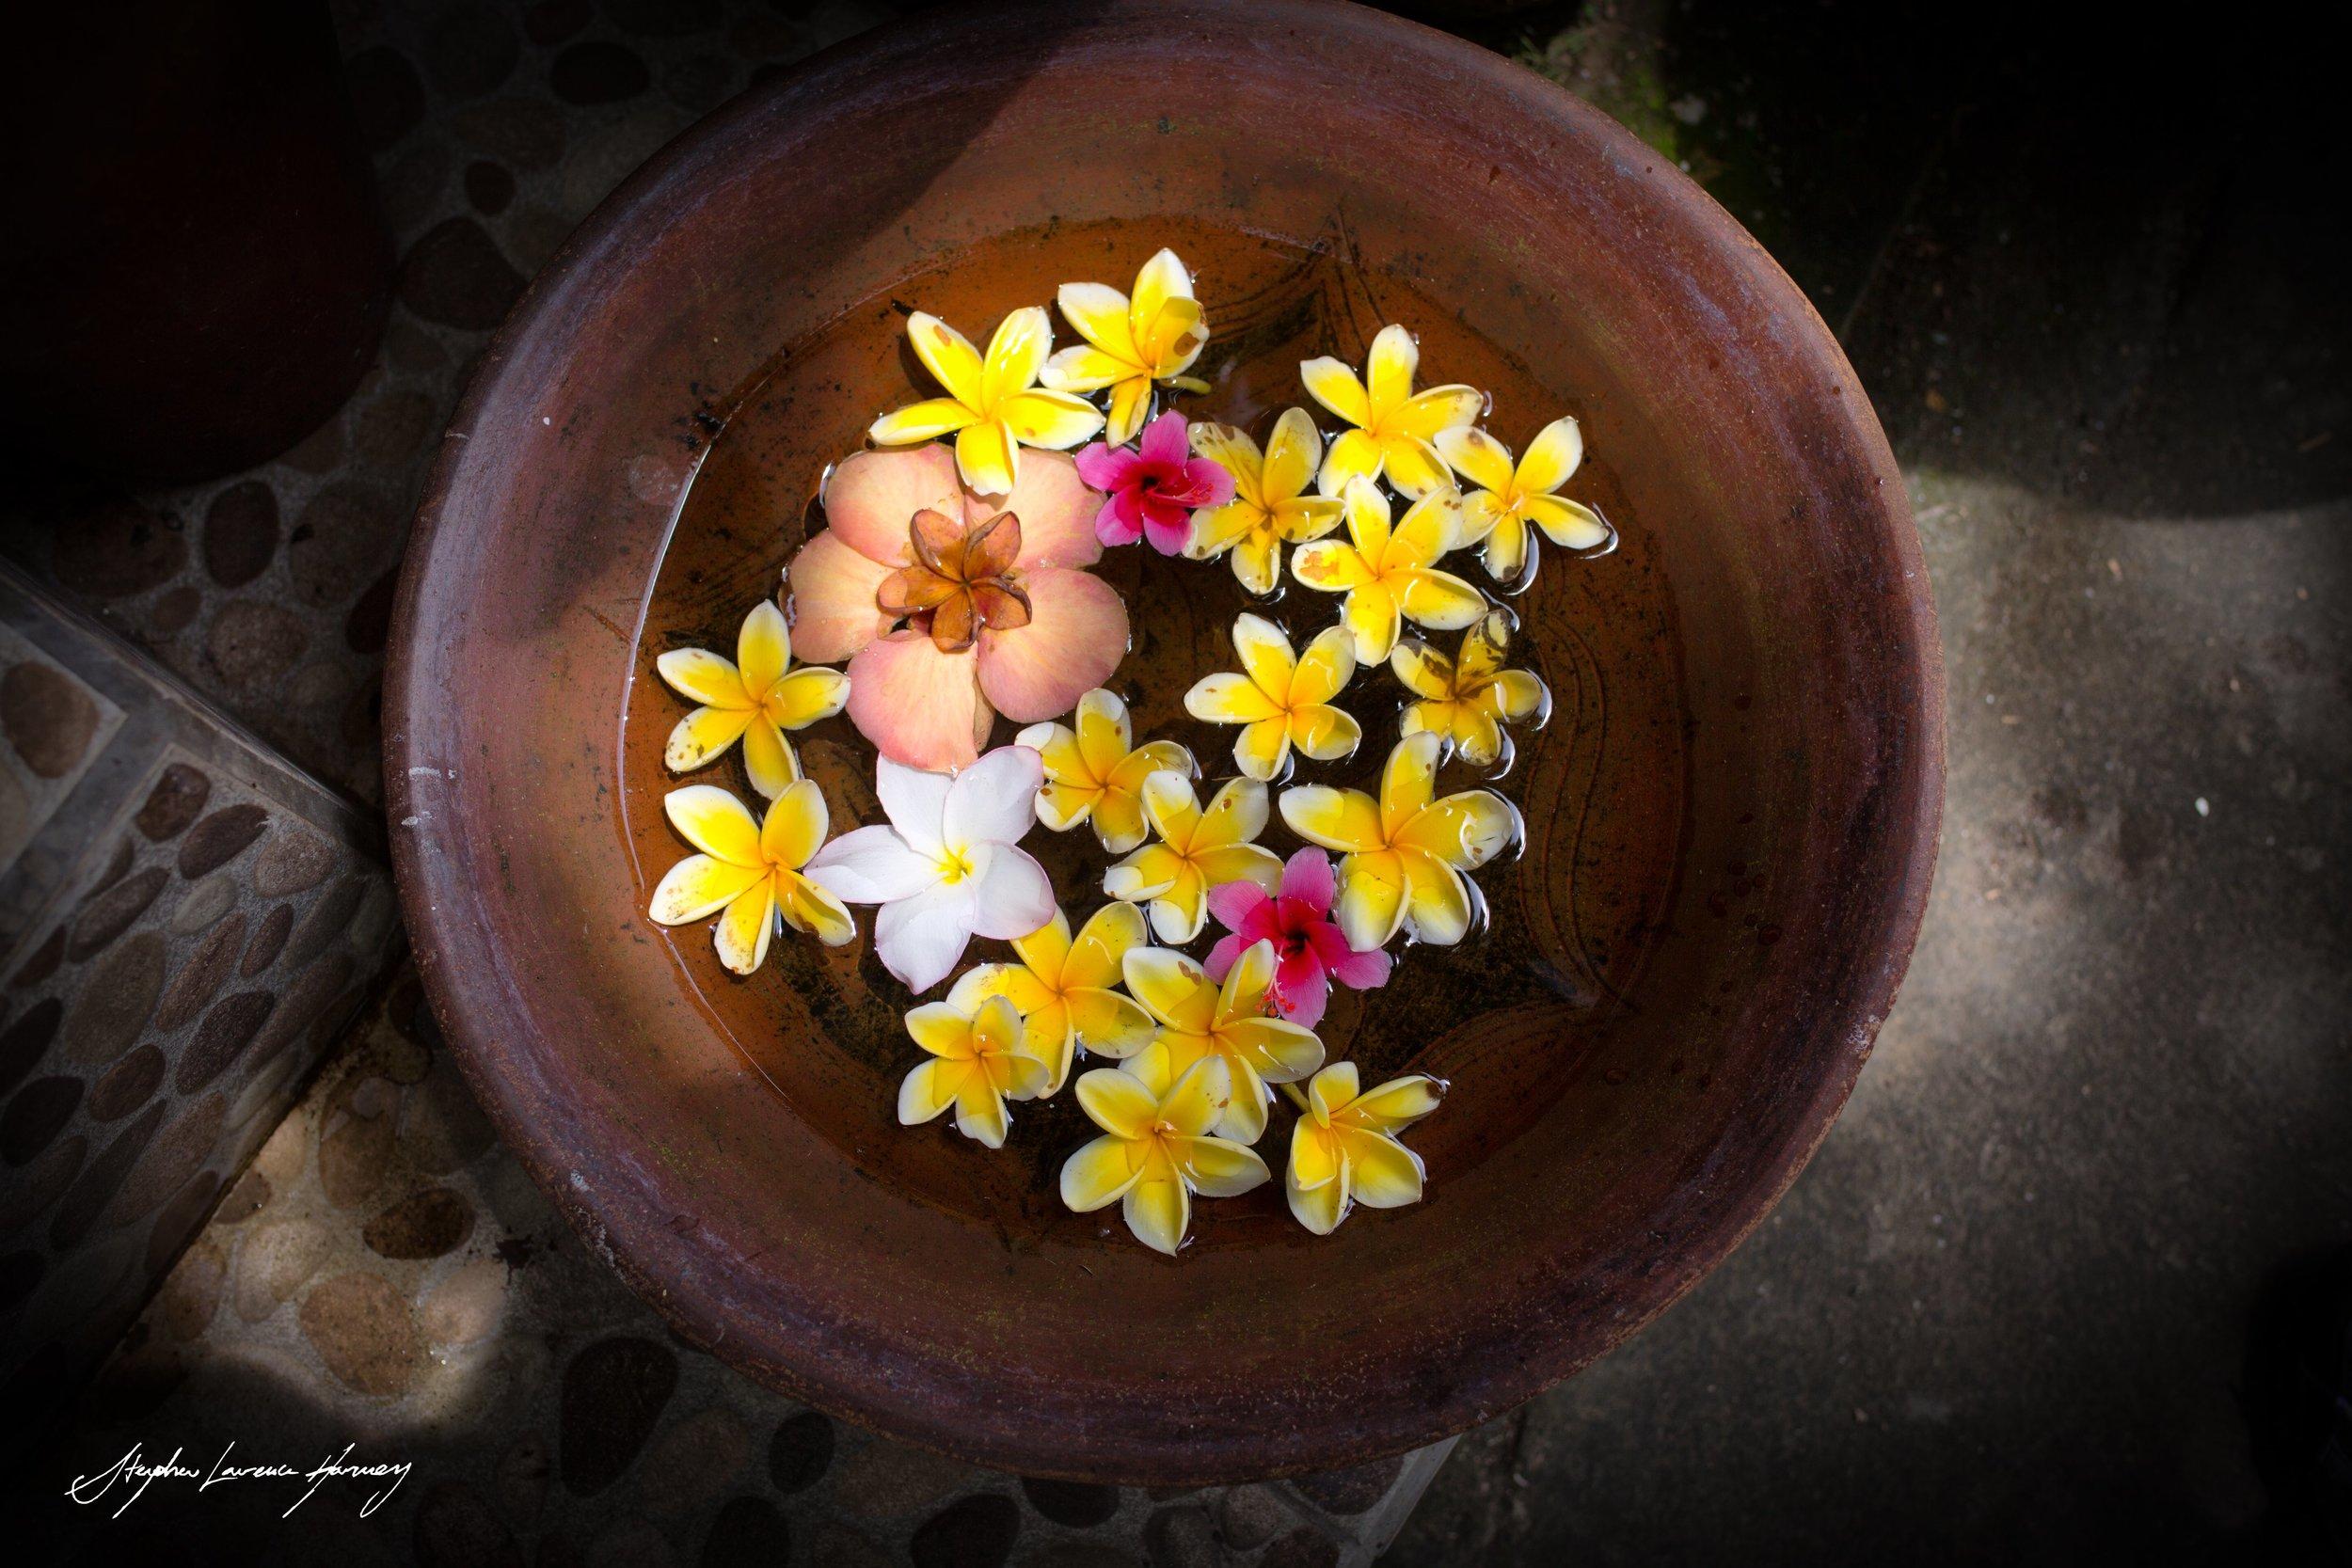 Bali flower beauty 2 (1 of 1) copy.jpg